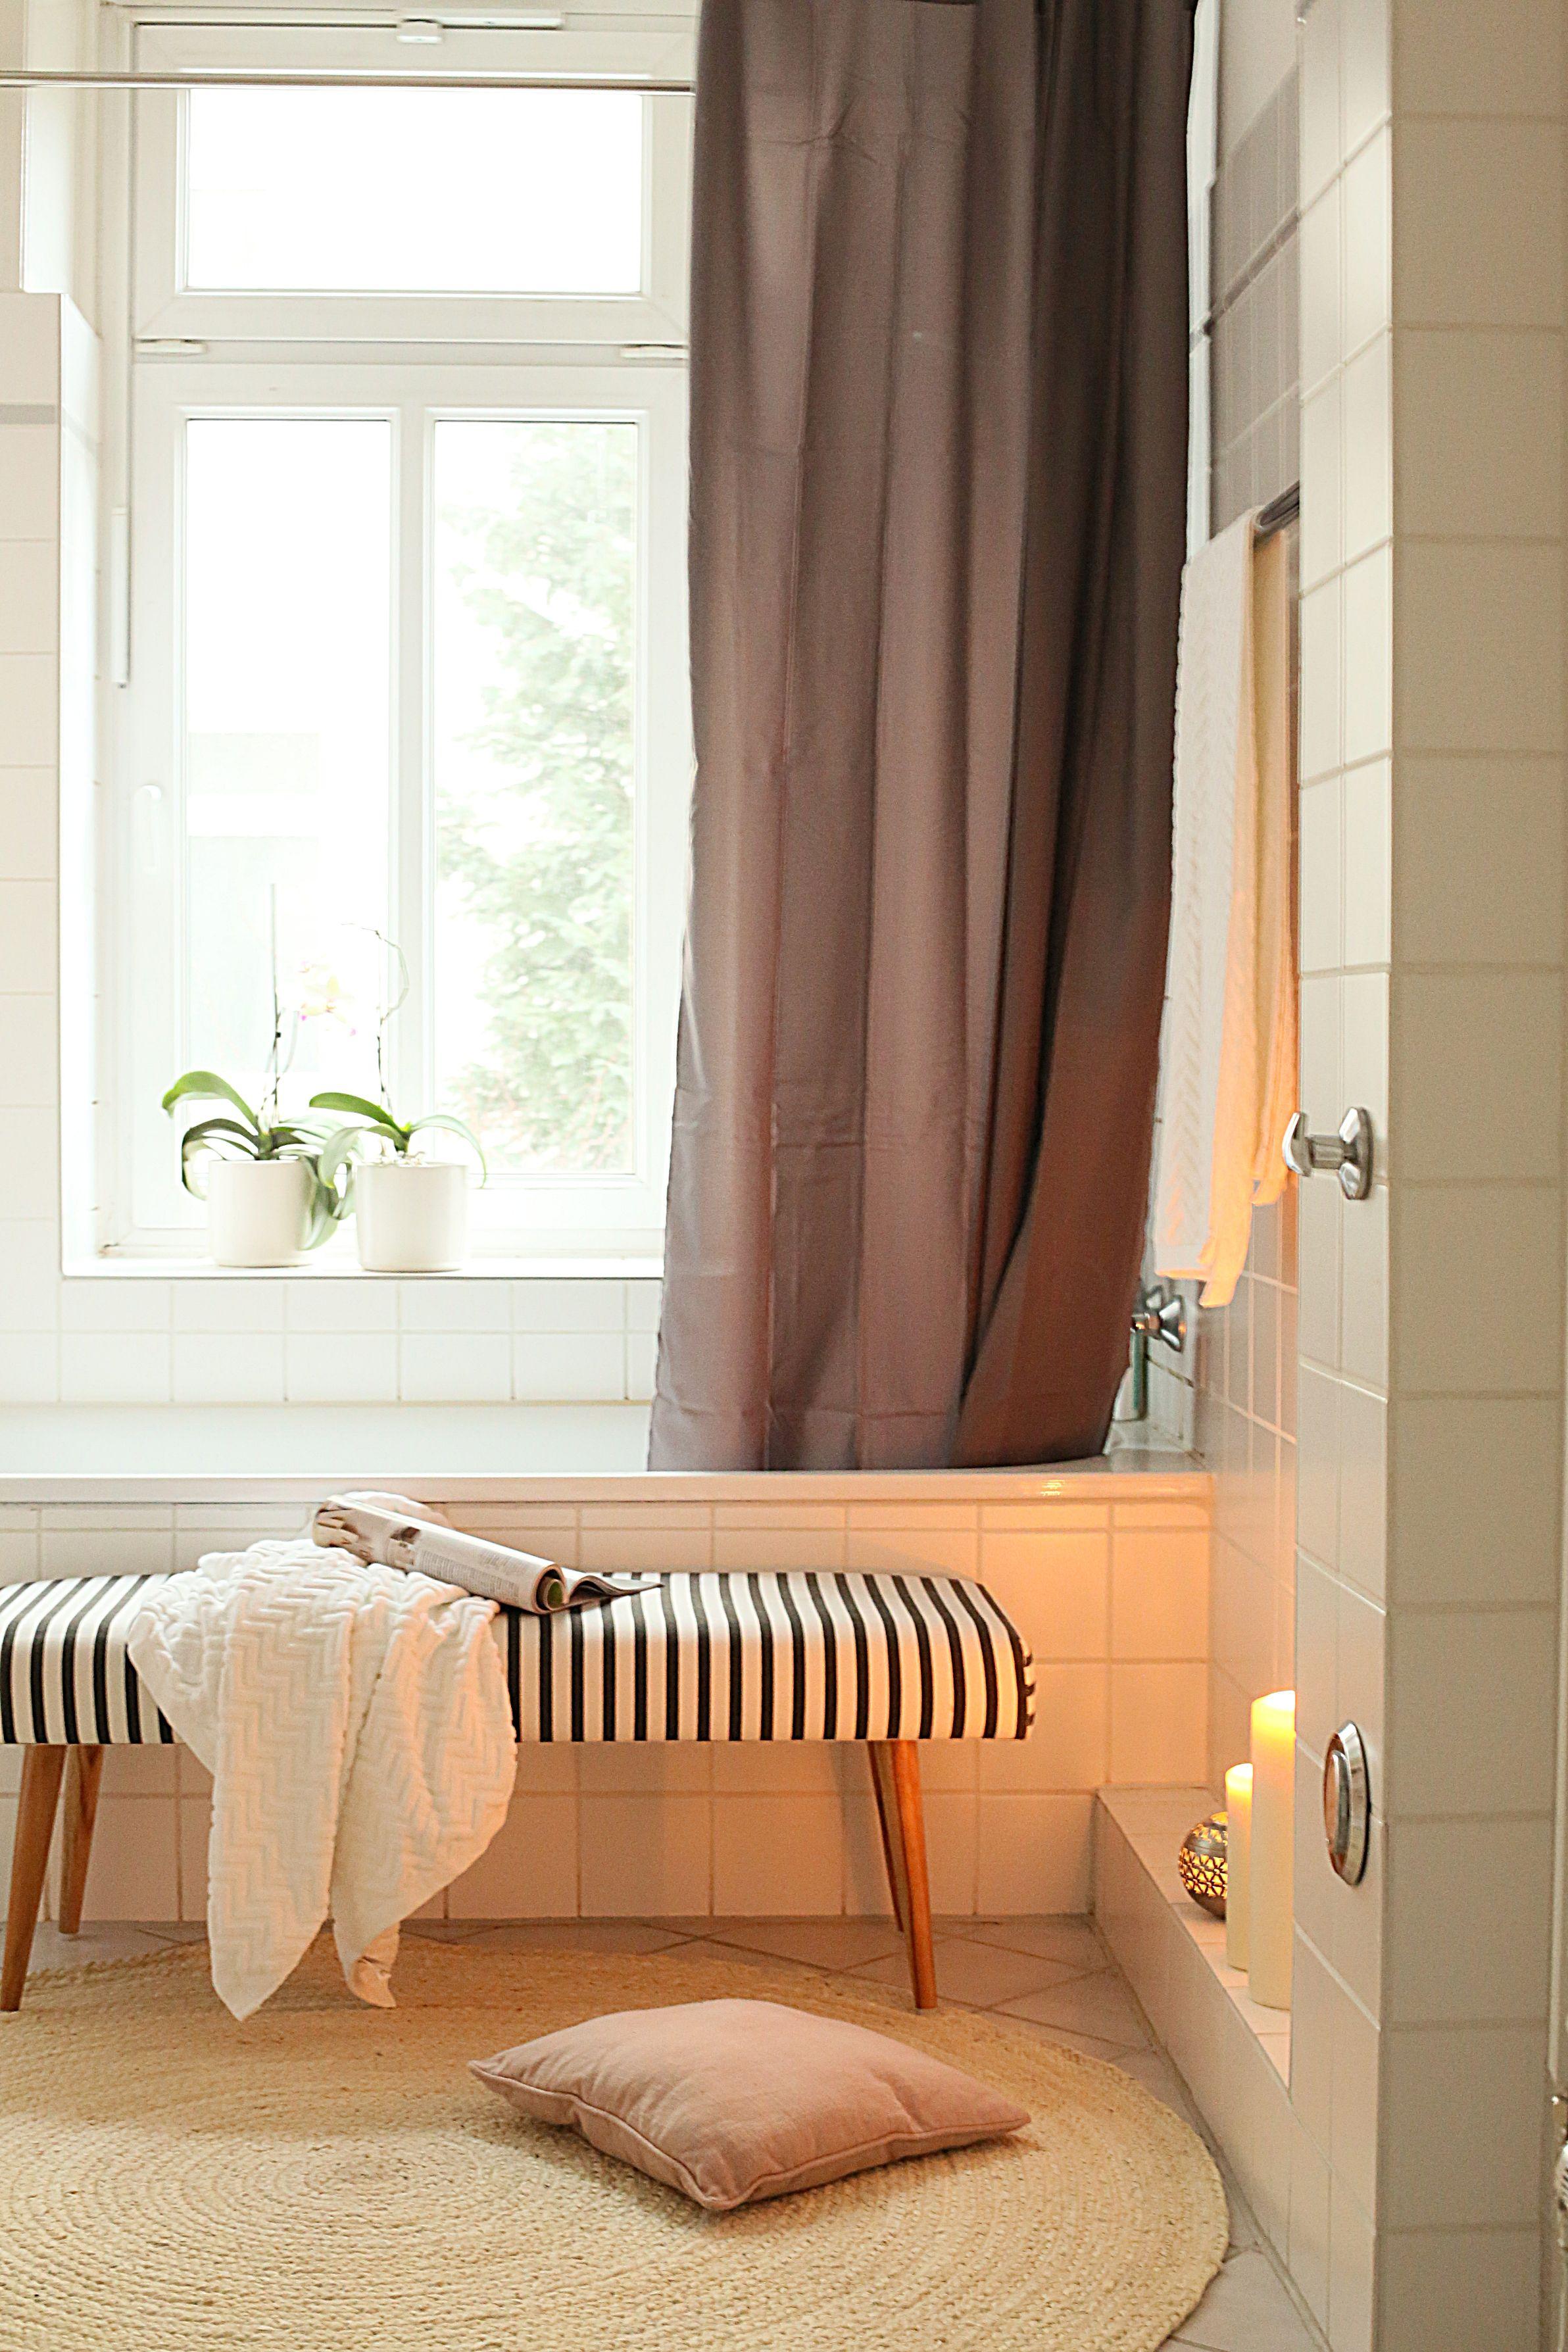 Bad Badezimmer Altbau House Doctor Ikea Bathroom Interior Wohnen Badewanne Kerzen Cozy Duschvorhang Bank Sitzbank Sch Wohnen Haus Deko Interieur